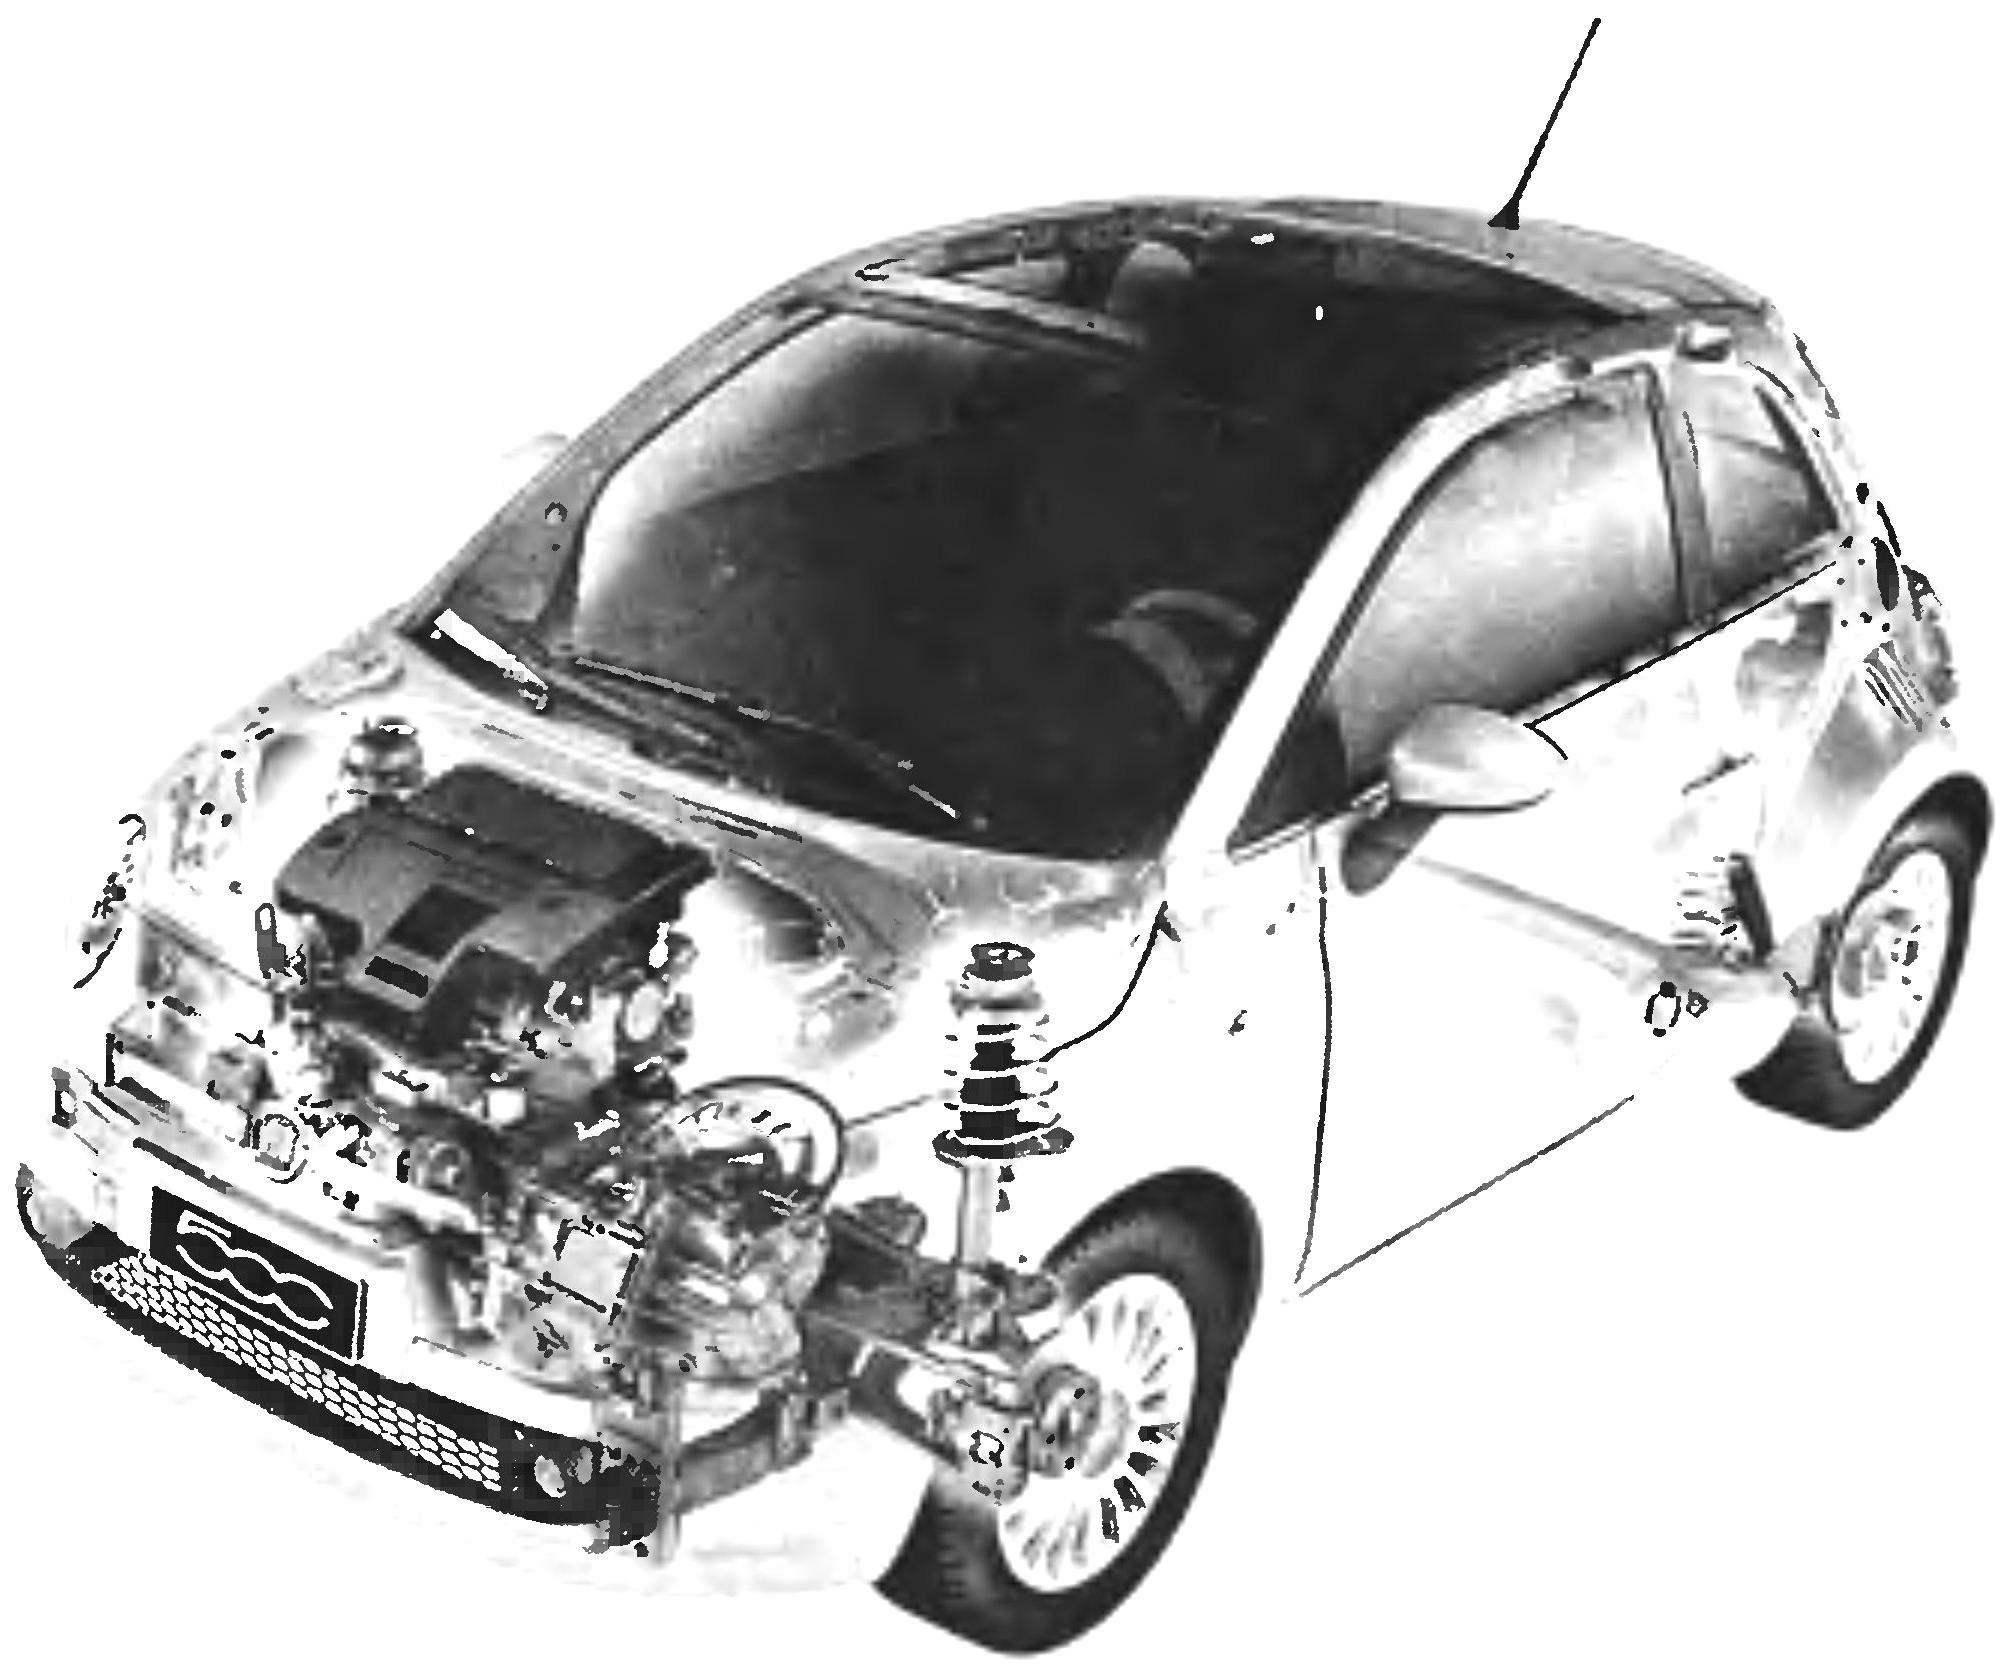 «Пятисотый» третьего поколения — FIAT-500 выпуска 2007 года и его компоновка